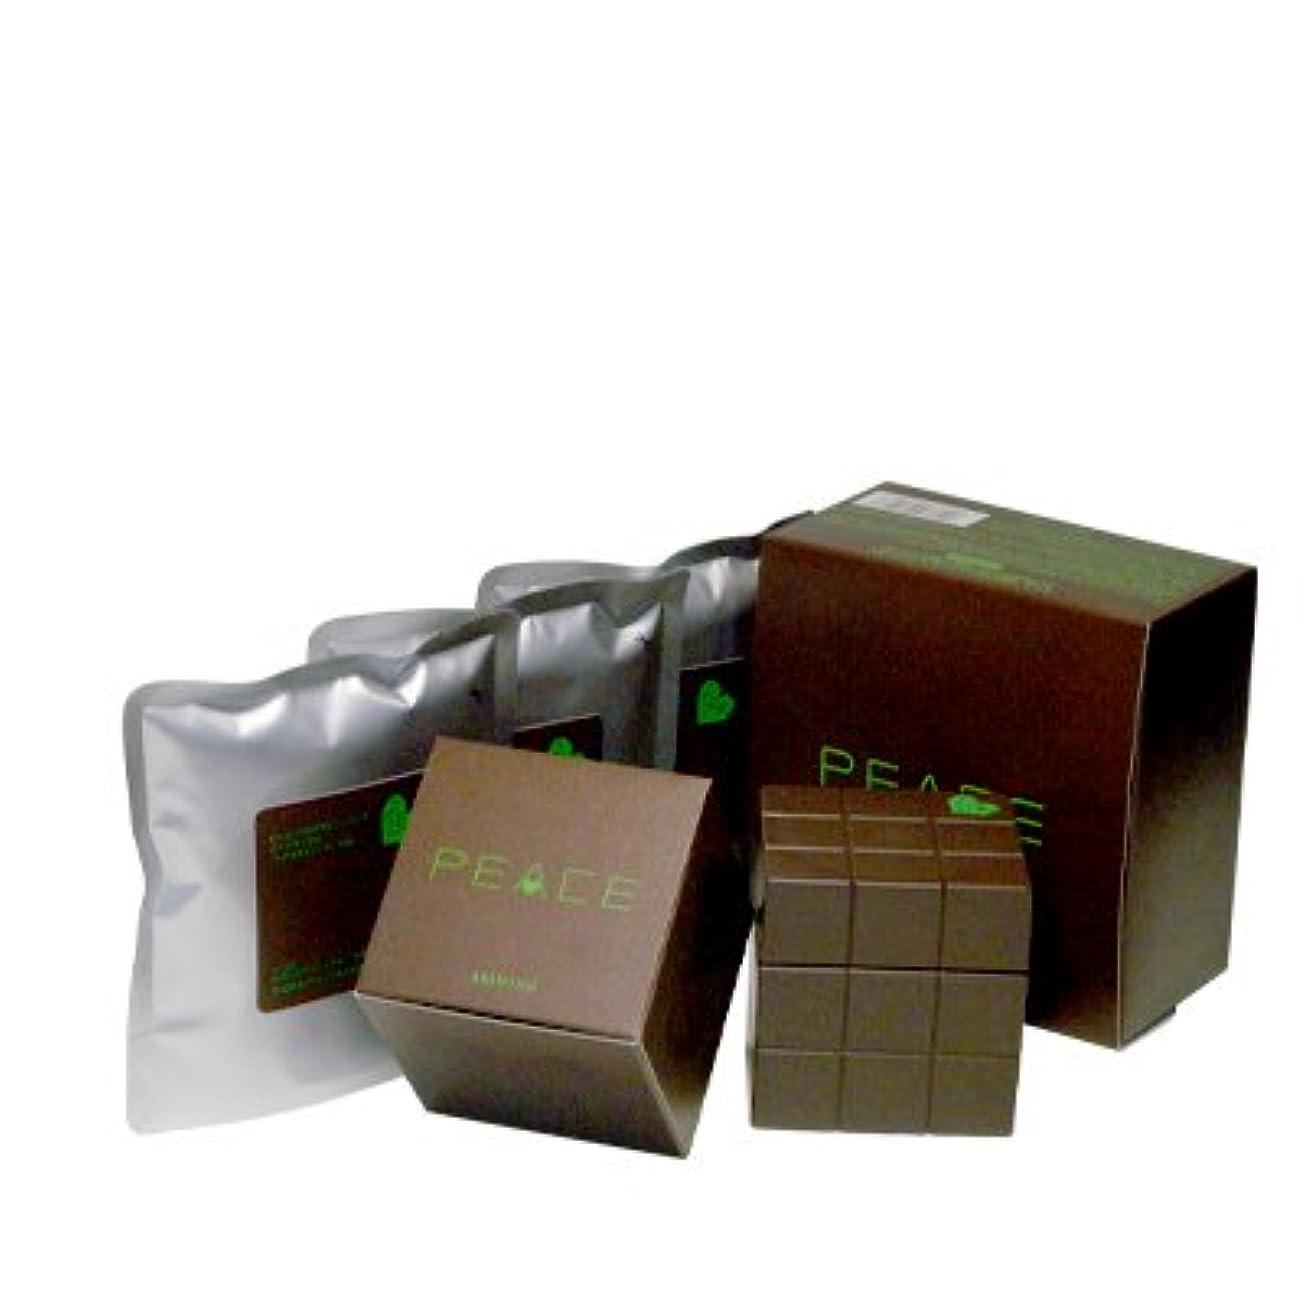 マインドホップ非公式アリミノ ピース プロデザインシリーズ ハードワックス チョコ80g+詰め替え80g×3